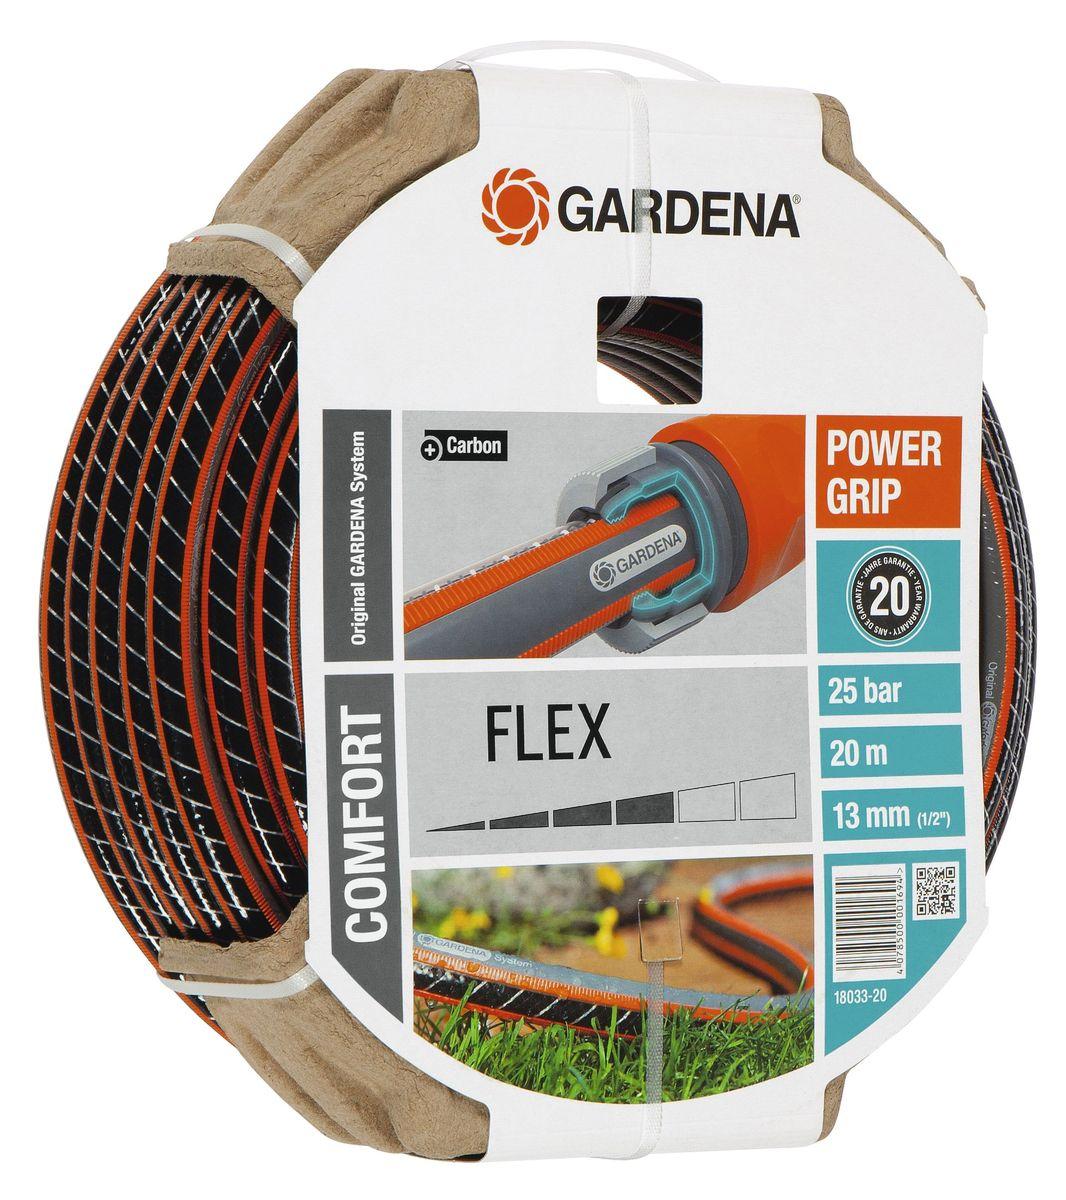 Шланг Gardena Flex, диаметр 1/2, длина 20 м18033-20.000.00Шланг Gardena Flex с ребристым профилем Power Grip подходит для идеального соединения с коннекторами базовой системы полива. Устойчив к высокому давлению и сохраняет формы благодаря спиралевидному текстильному армированию, усиленному углеродом.Не перегибается, не спутывается.